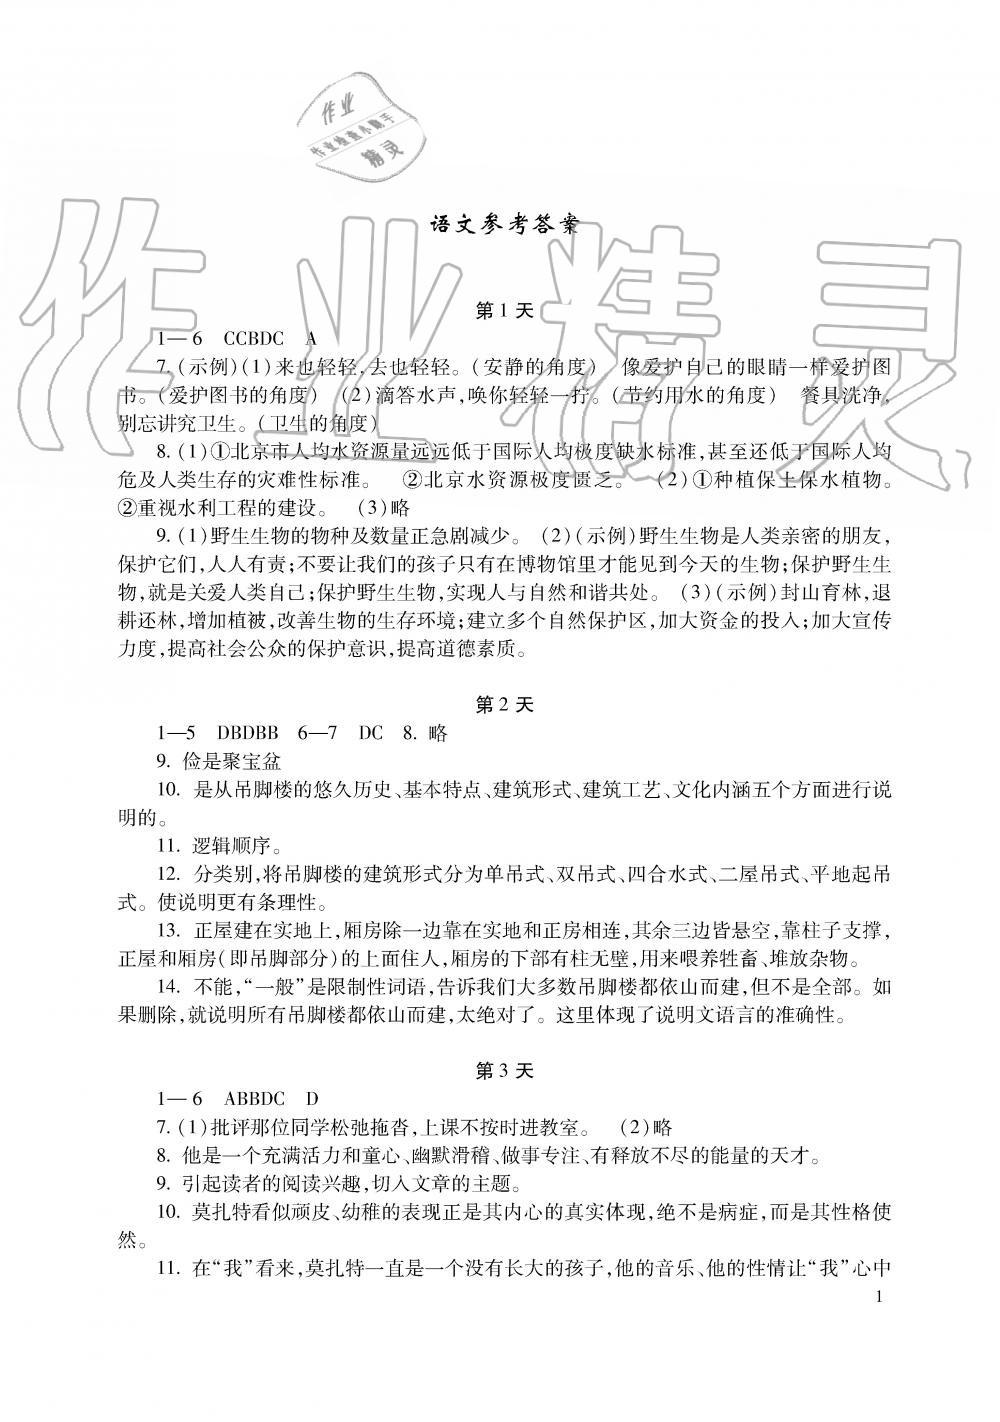 2019年暑假生活七年级语文数学英语湖南少年儿童出版社第1页